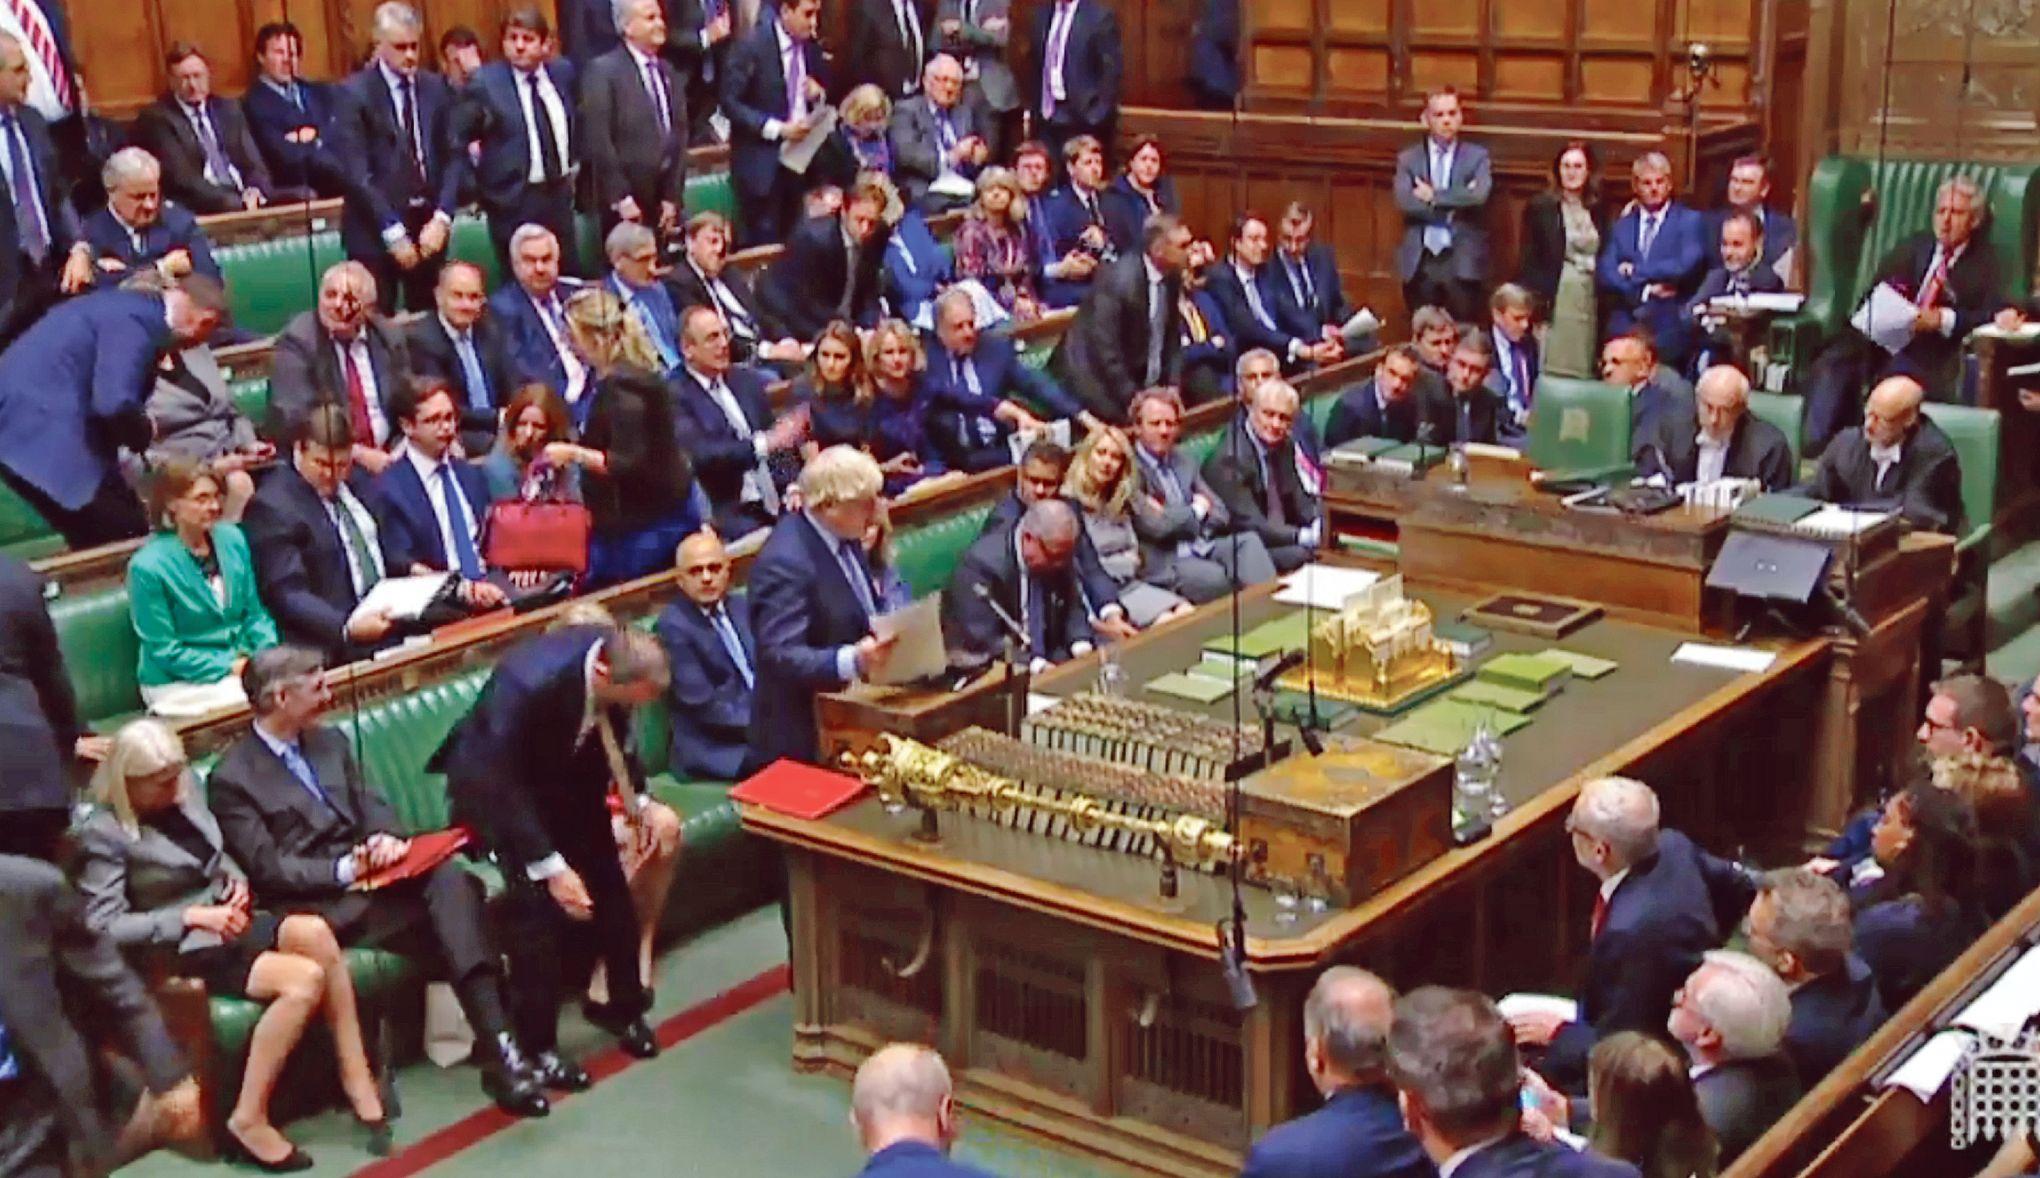 Le retour houleux de Boris Johnson au Parlement